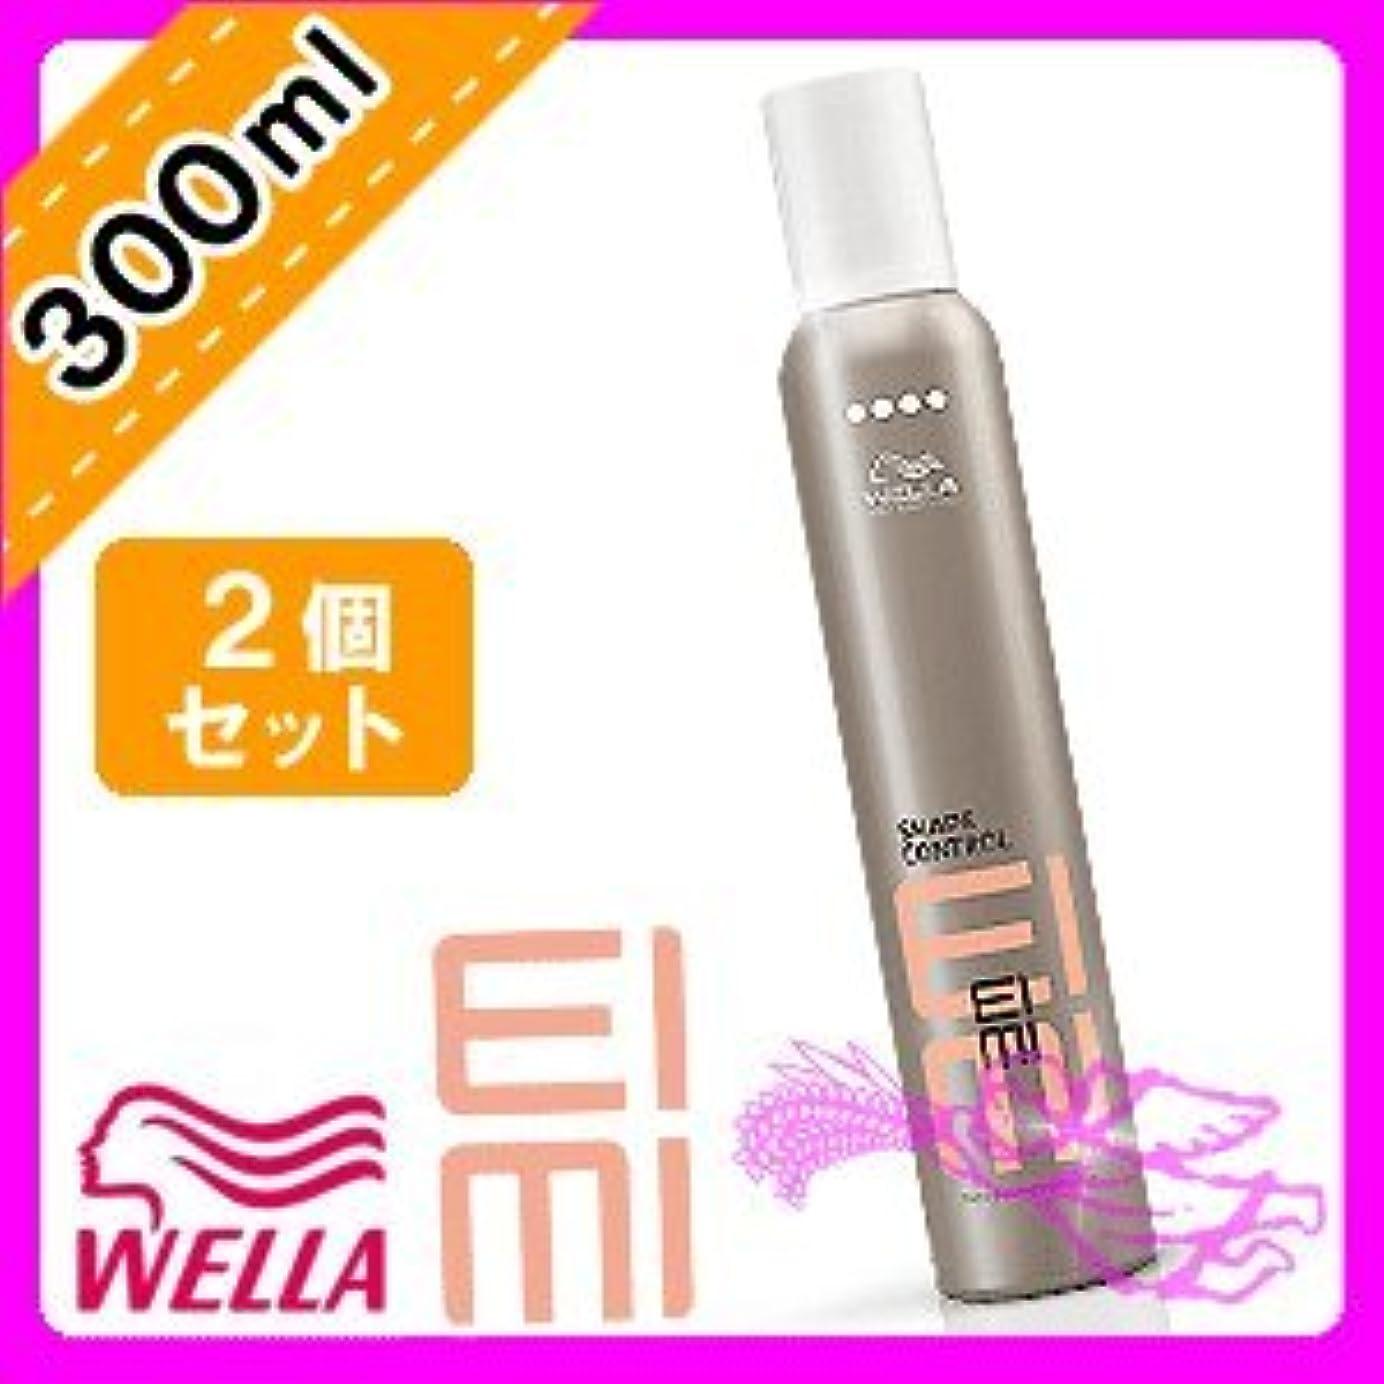 ウエラ EIMI(アイミィ) シェイプコントロールムース 300ml ×2個 セット WELLA P&G